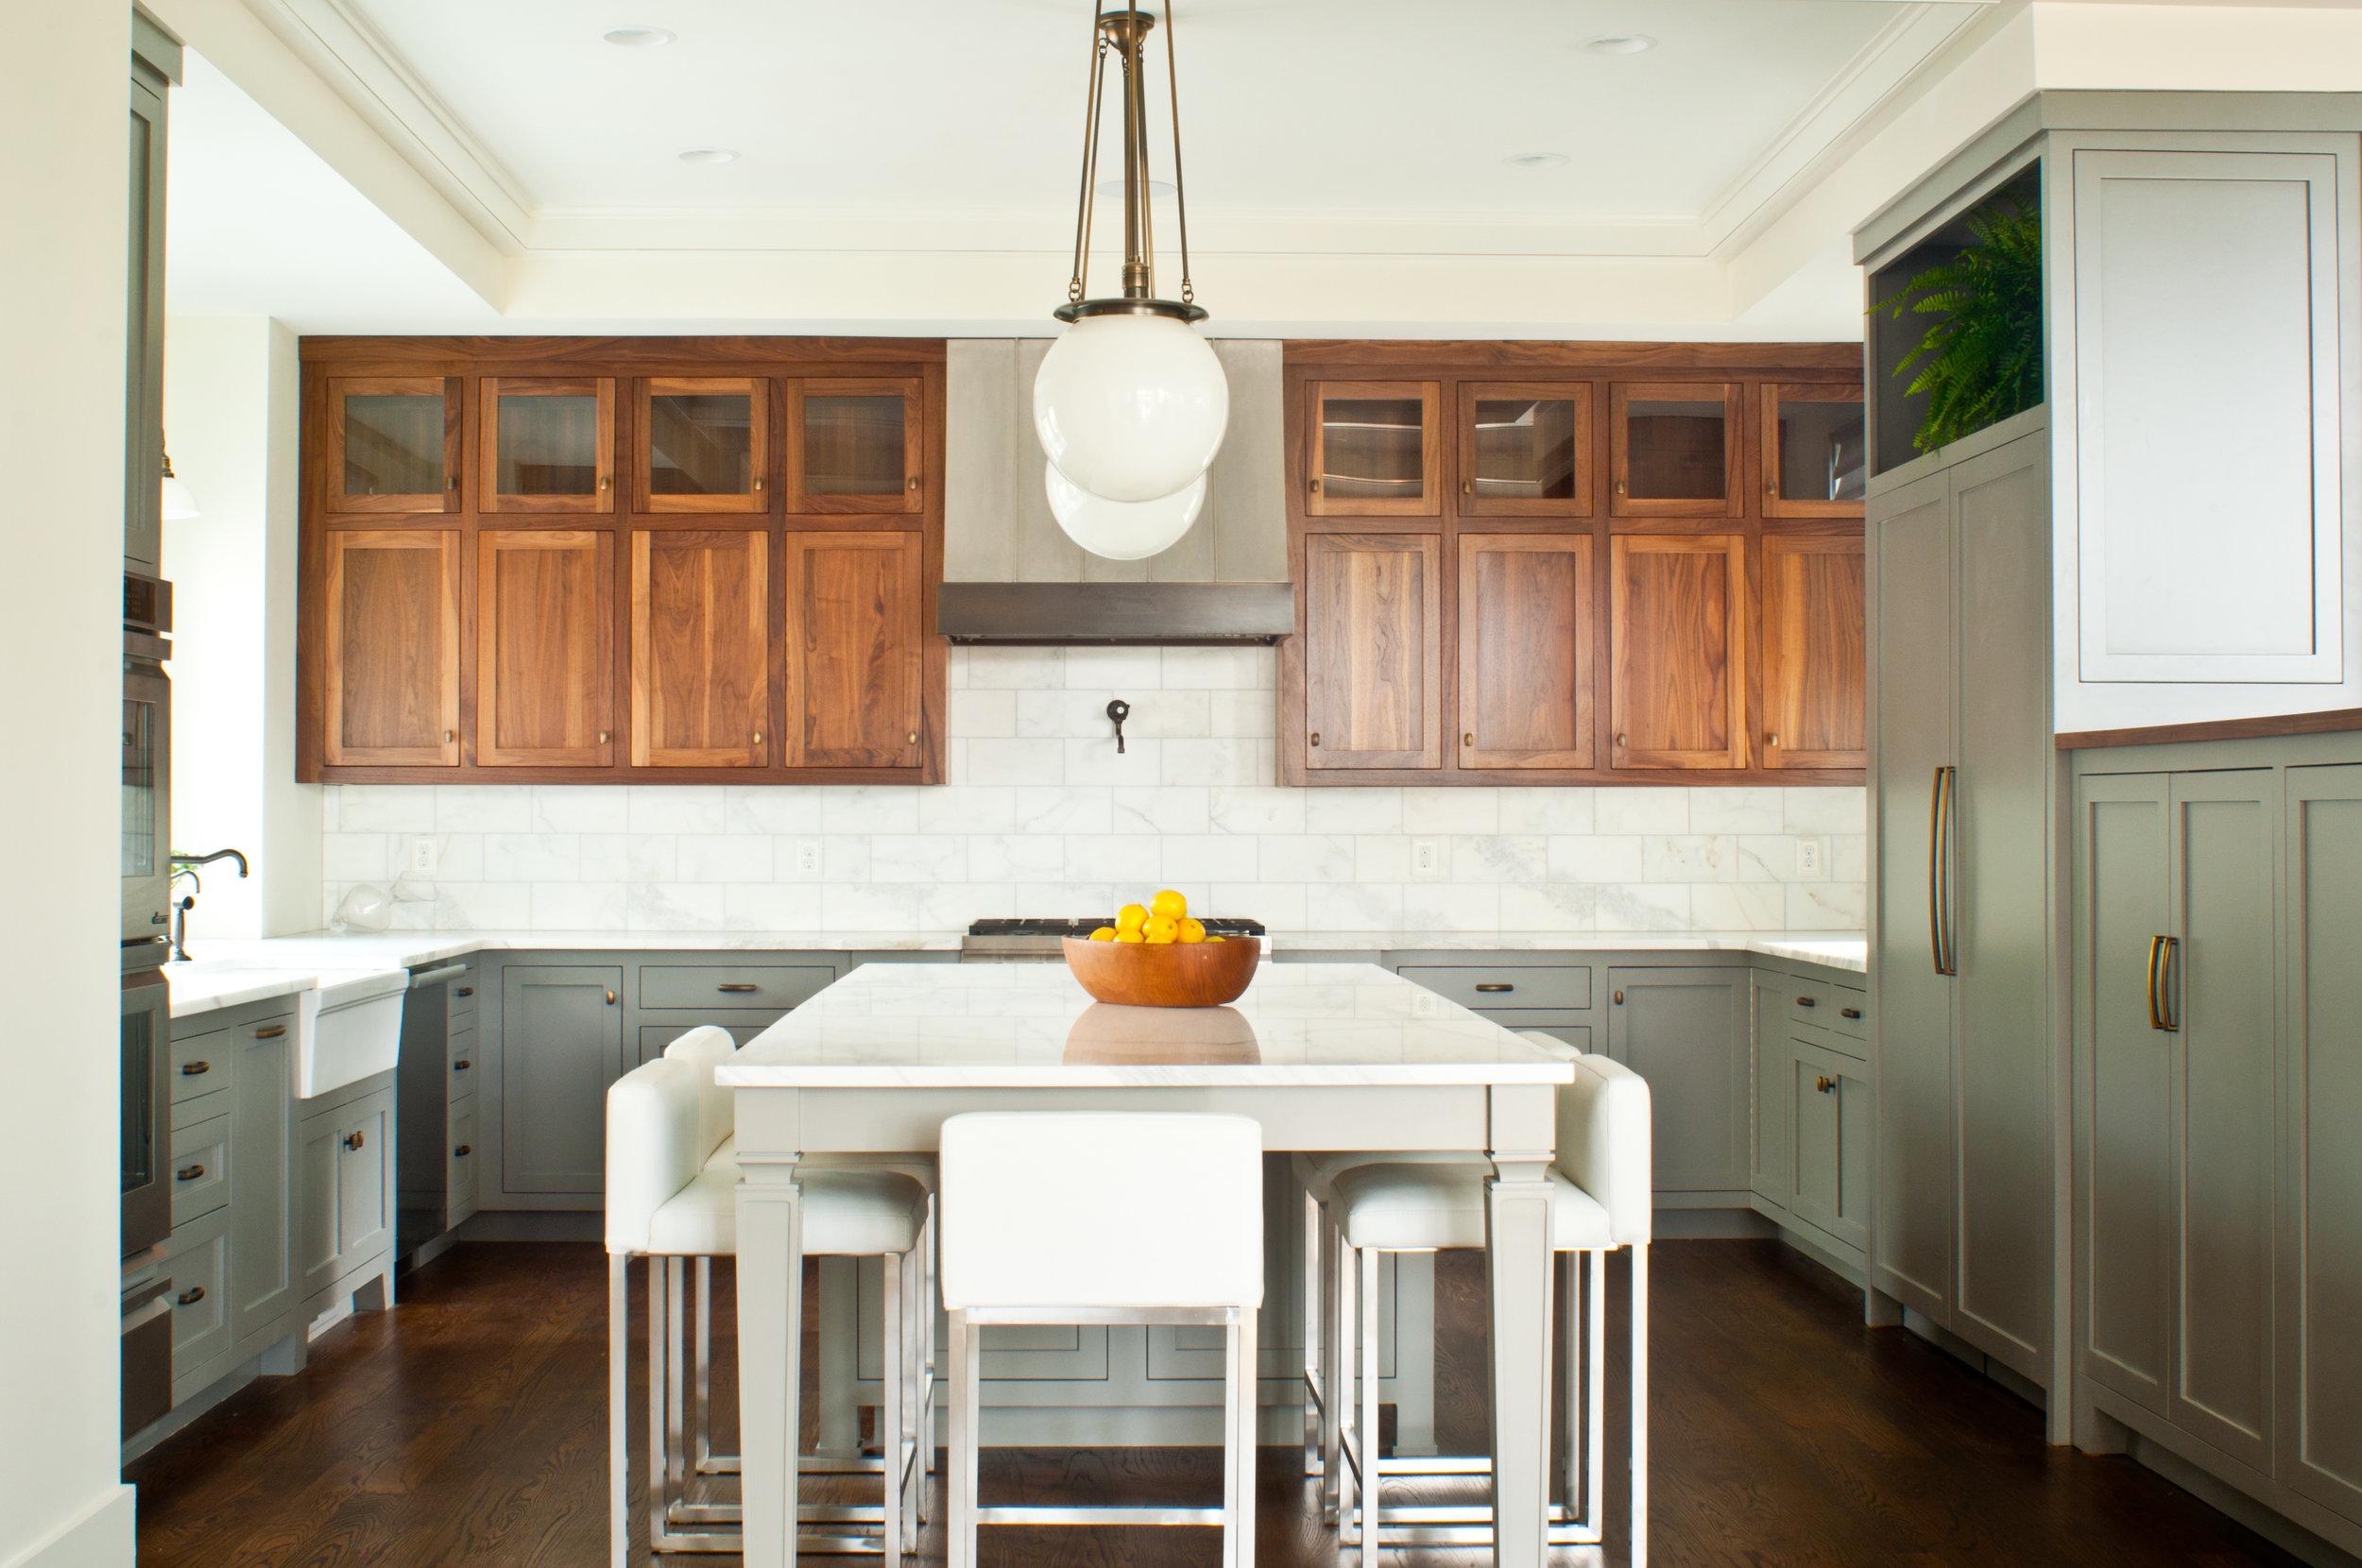 Transtional+Belmont+Kitchen+1.jpg